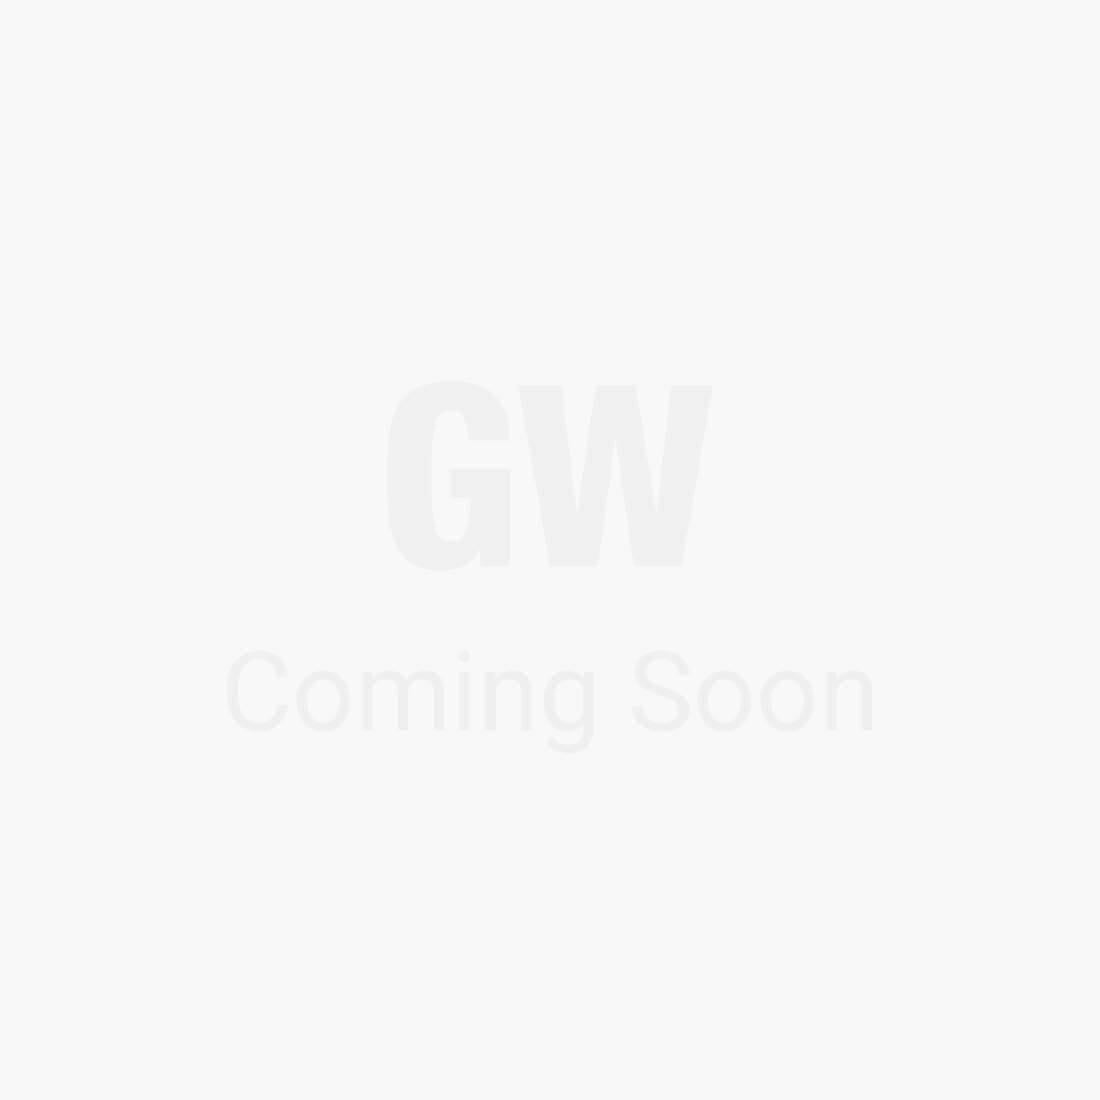 Tepih Tassel 50x50cm Cushion